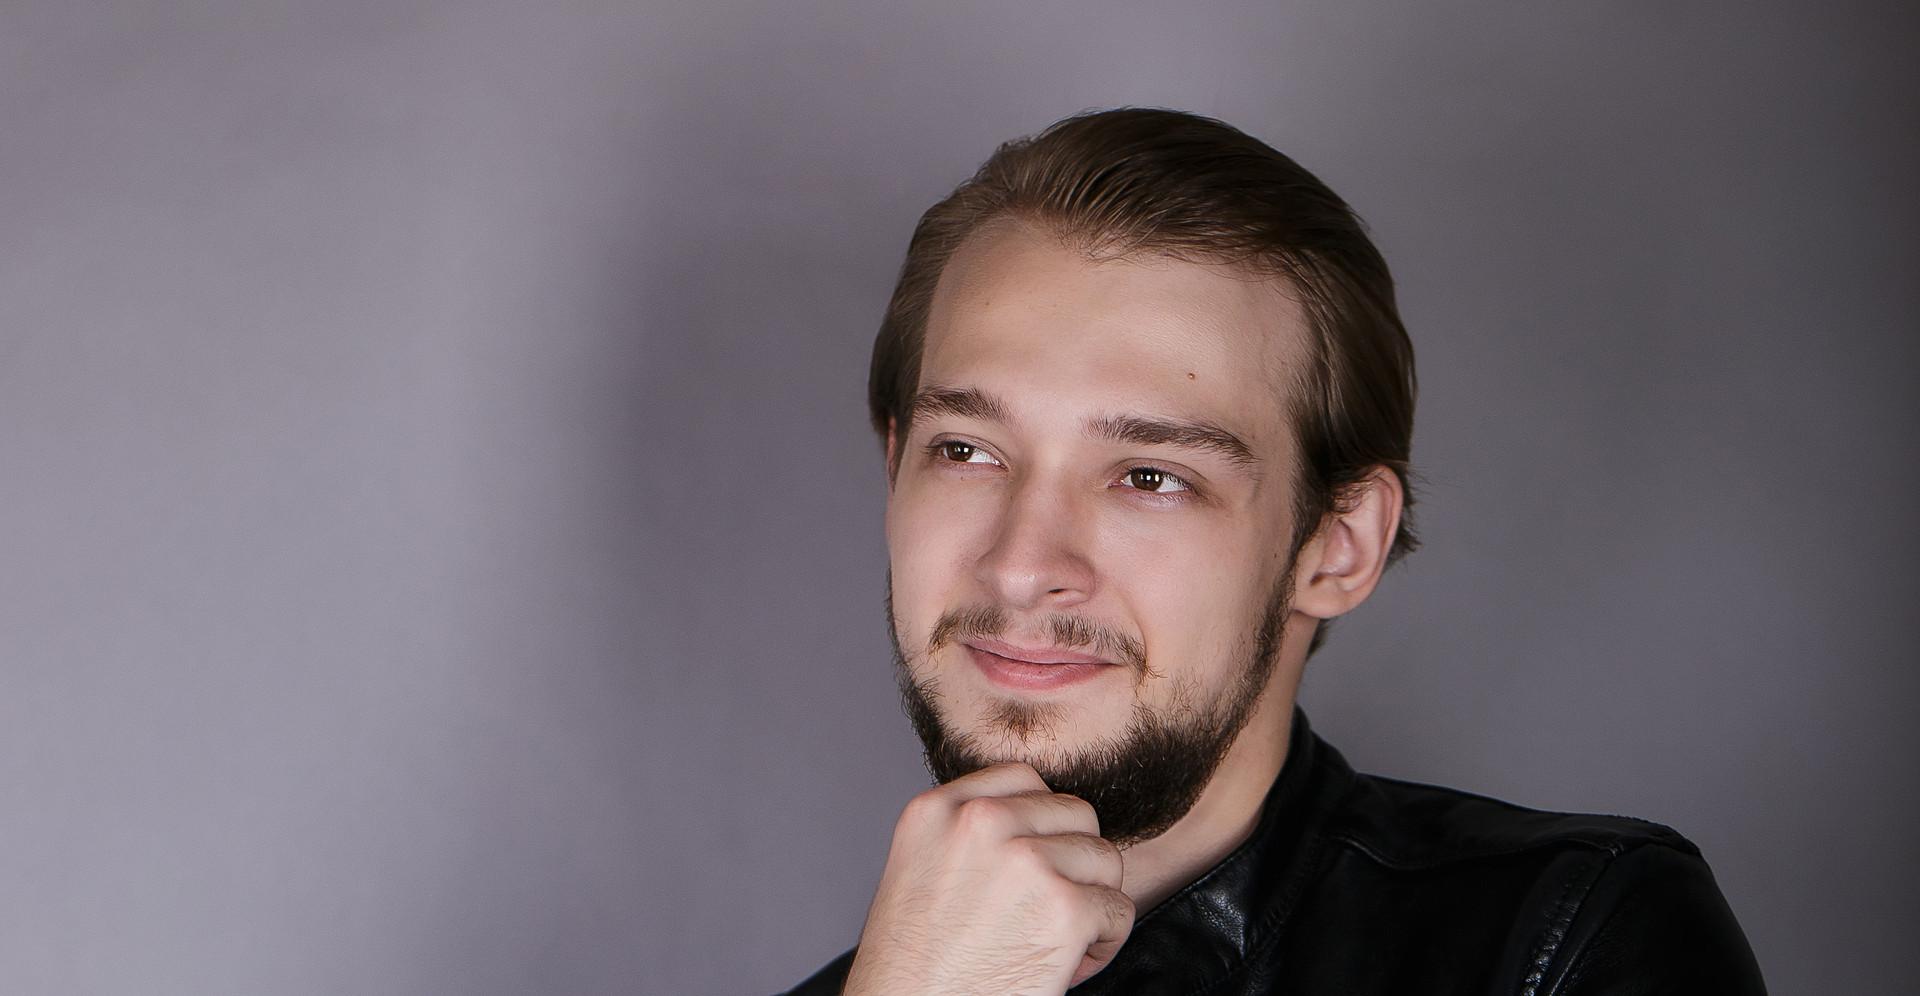 Васильков Павел